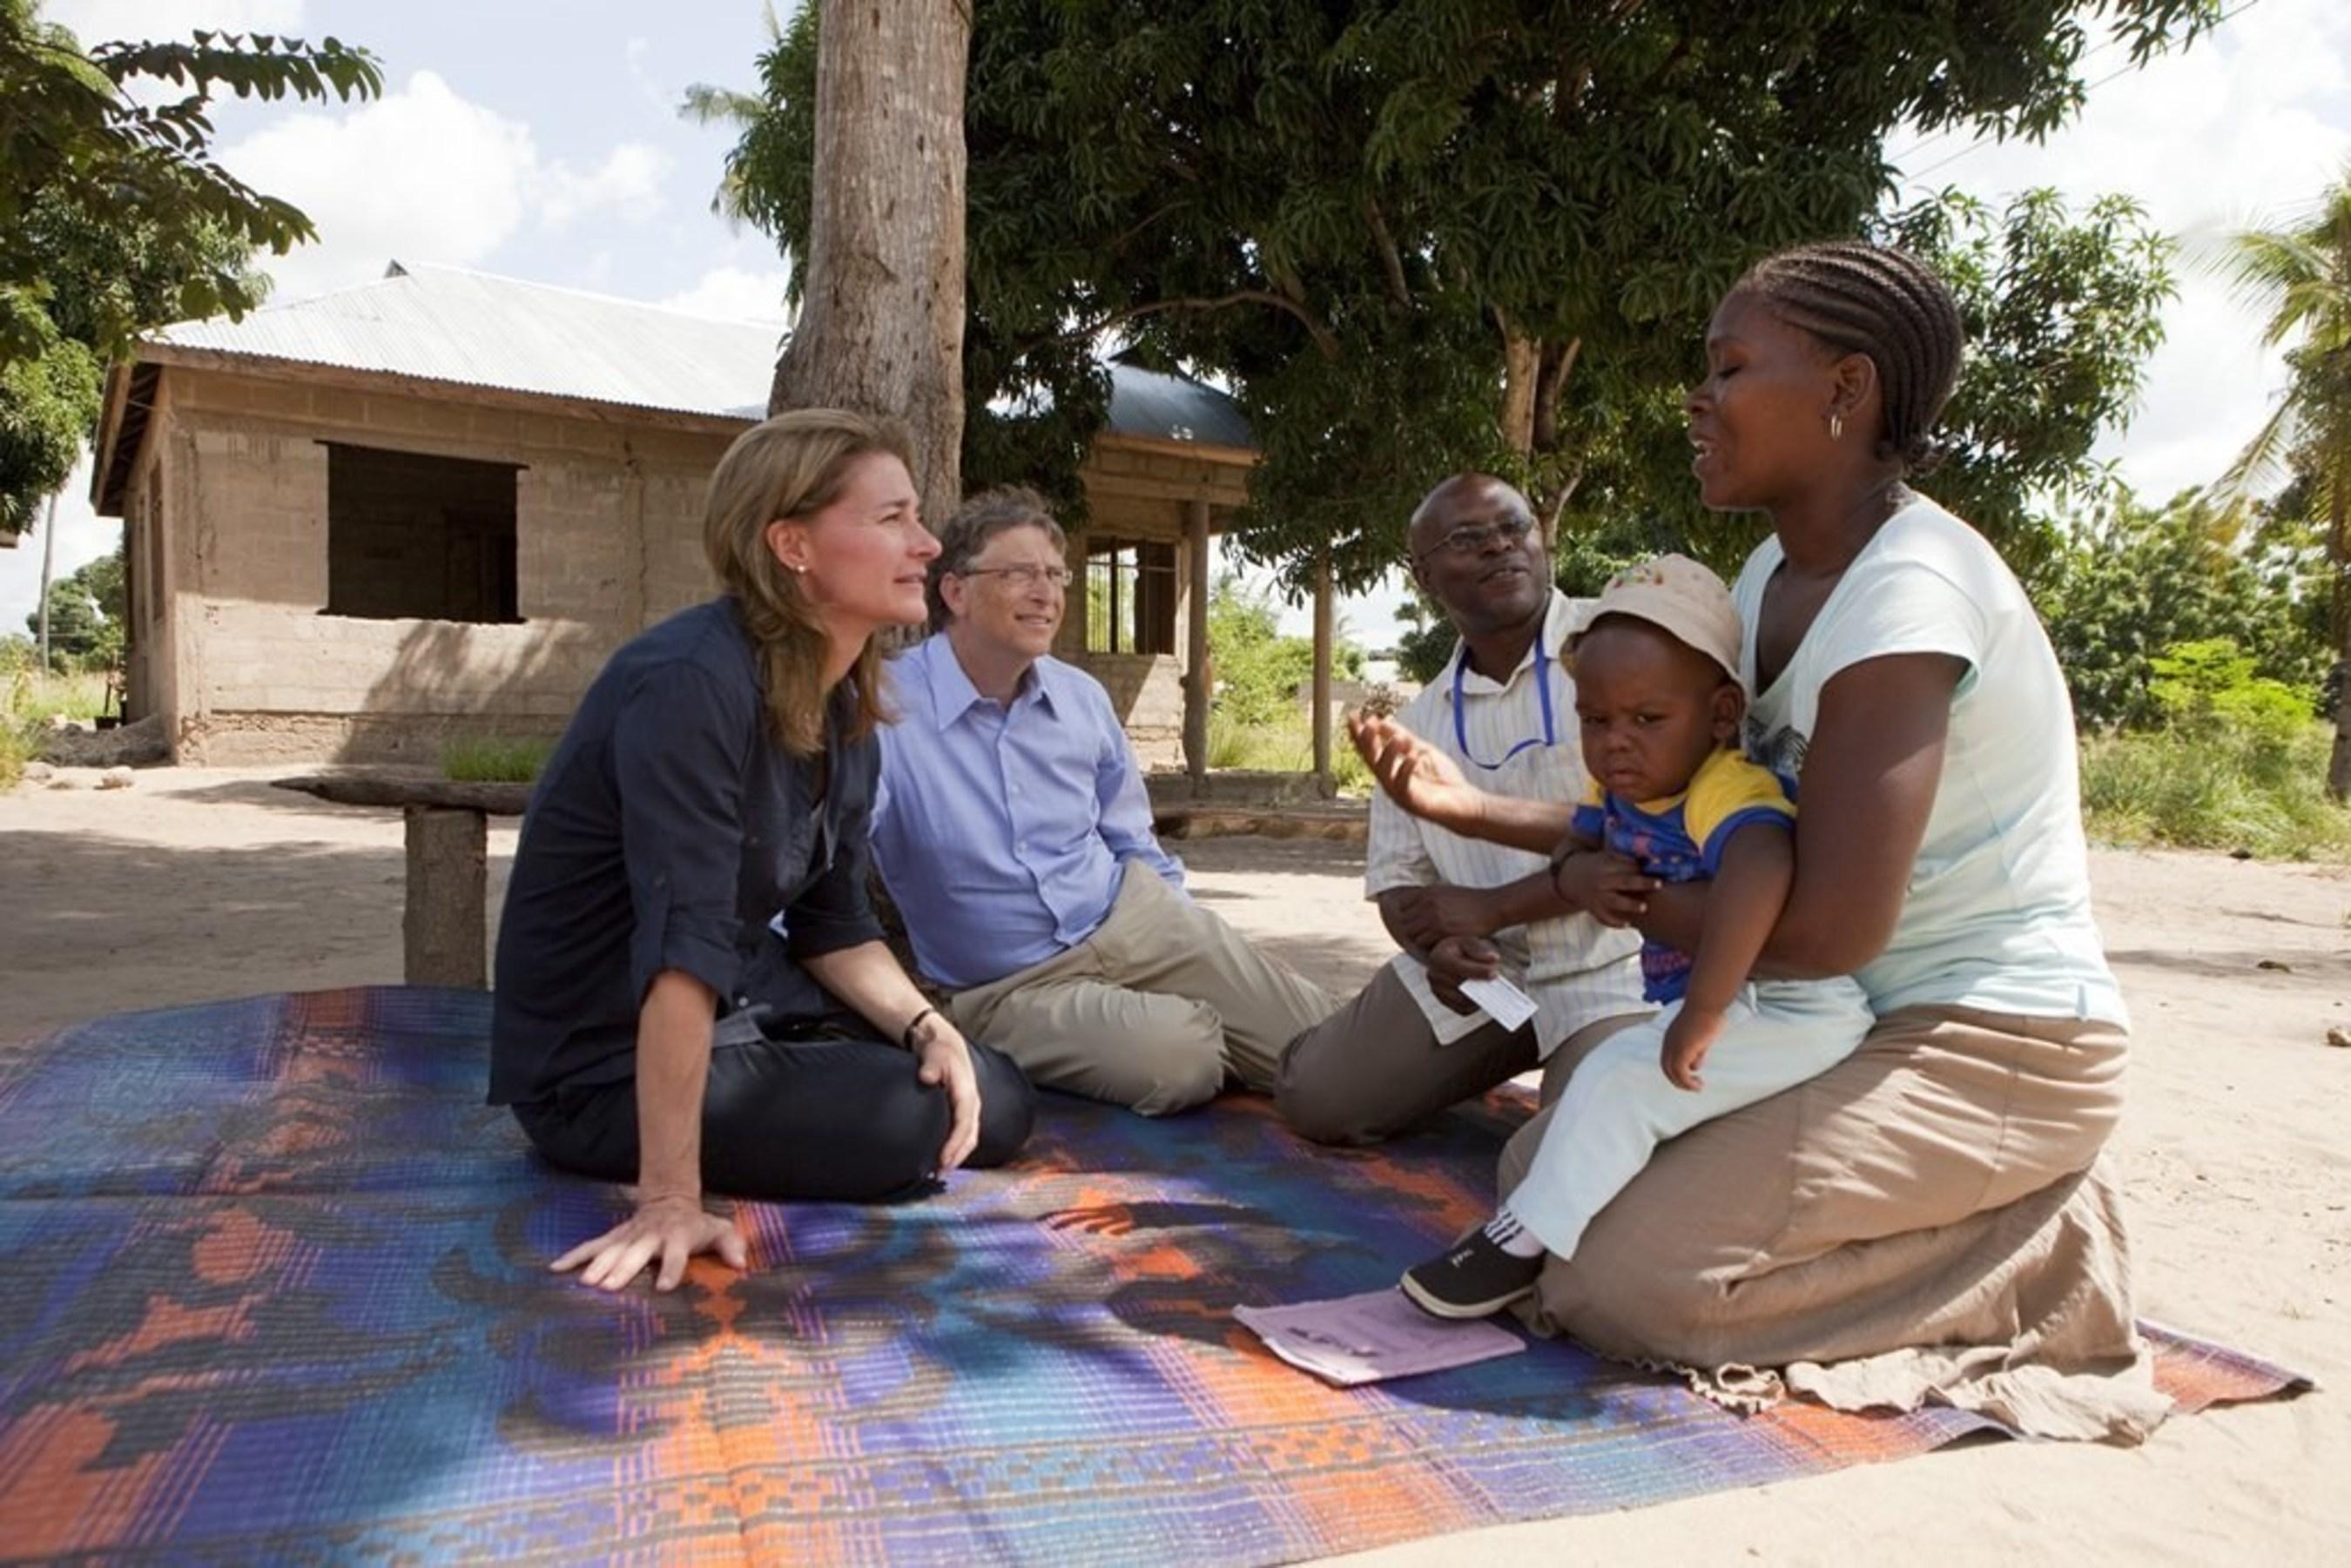 Билл и Мелинда Гейтс обнародовали свое ежегодное послание за 2015 год:  «Наша большая ставка на